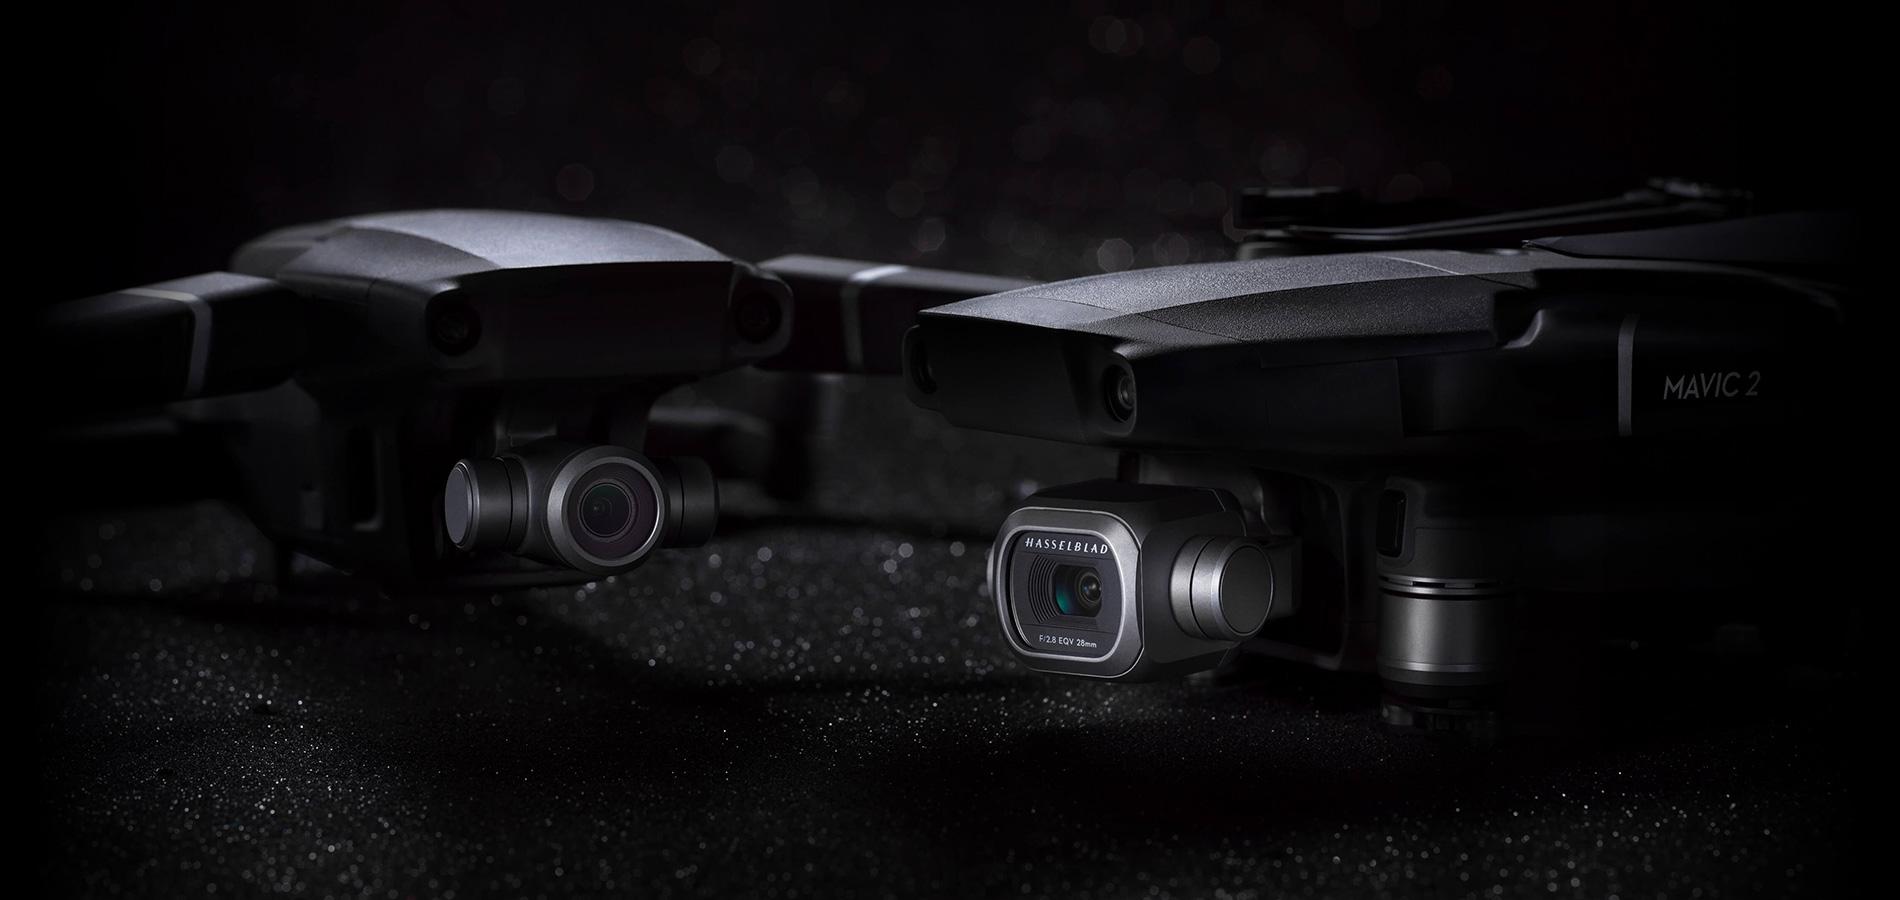 Drohnen, Handys und mehr im Handyshop Innsbruck